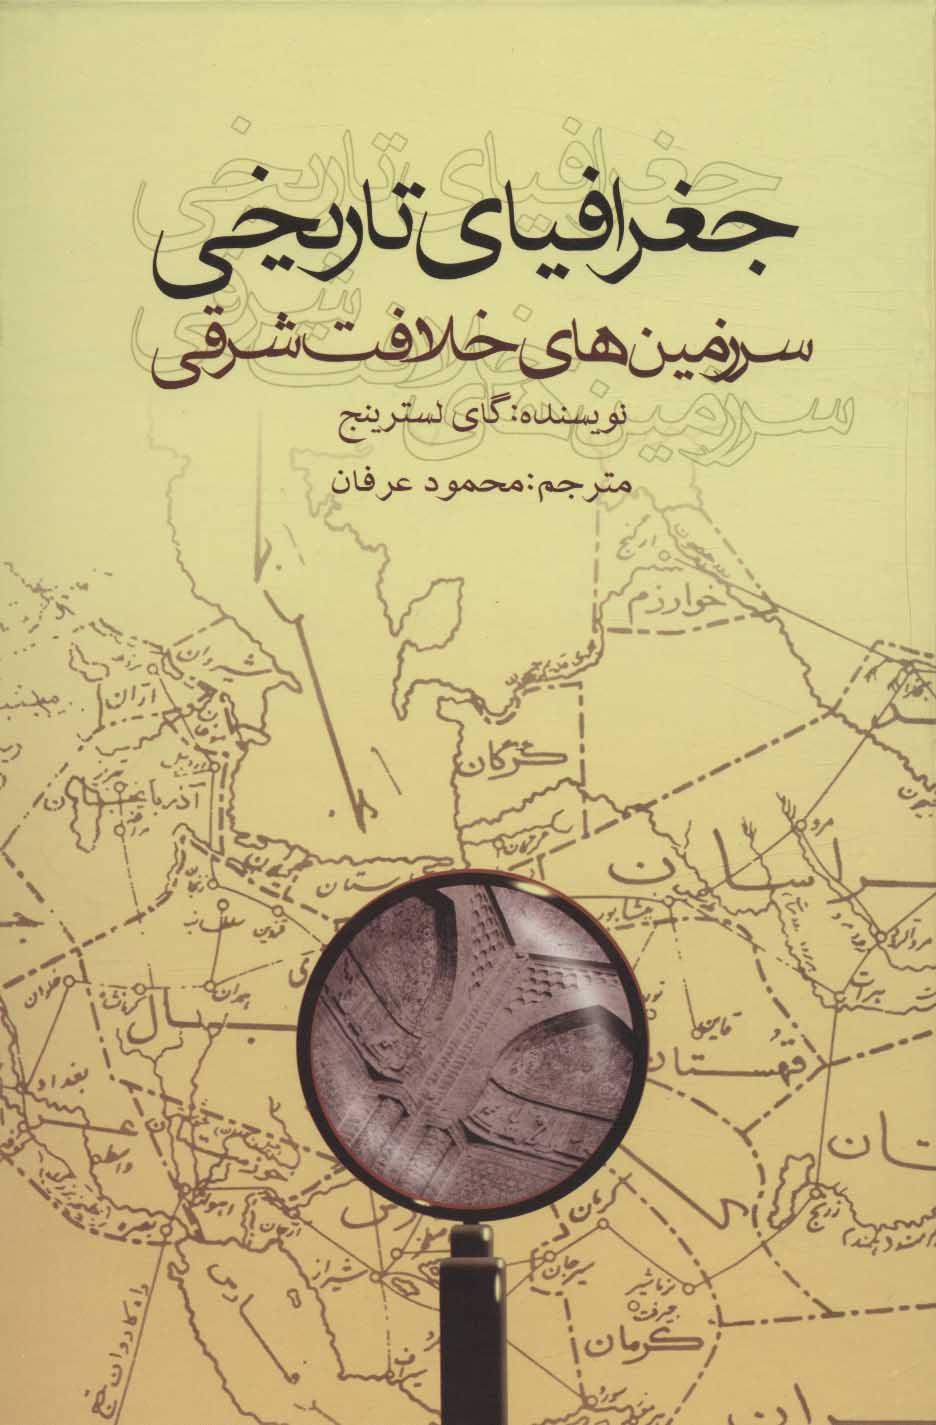 جغرافیای تاریخی سرزمین های خلافت شرقی